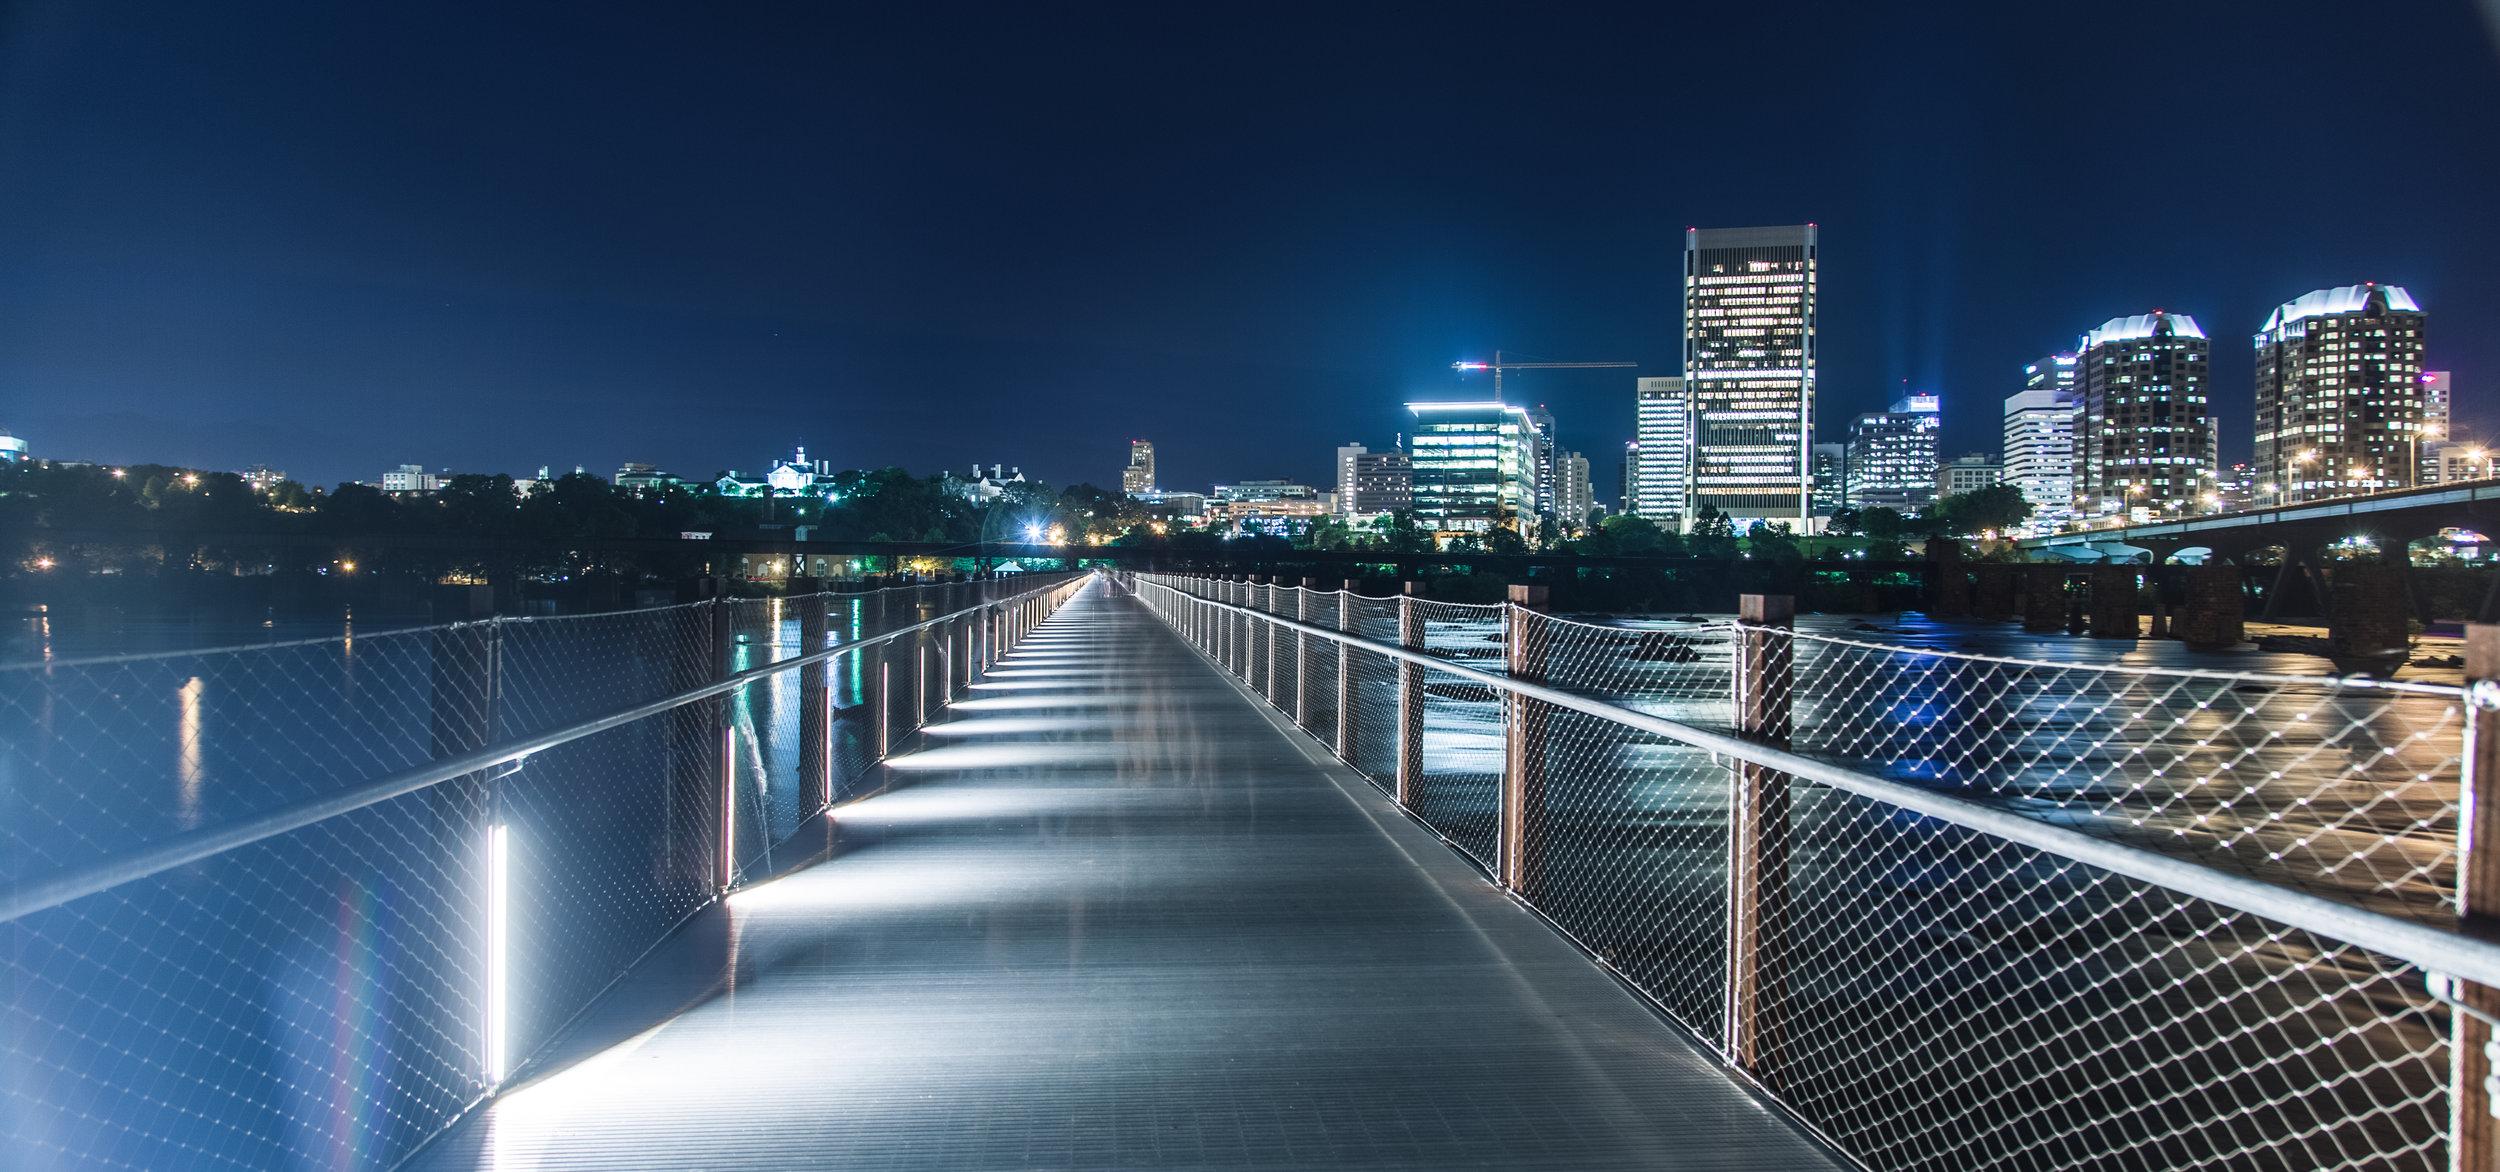 T Tyler Potterfield Bridge - Richmond, Virginia